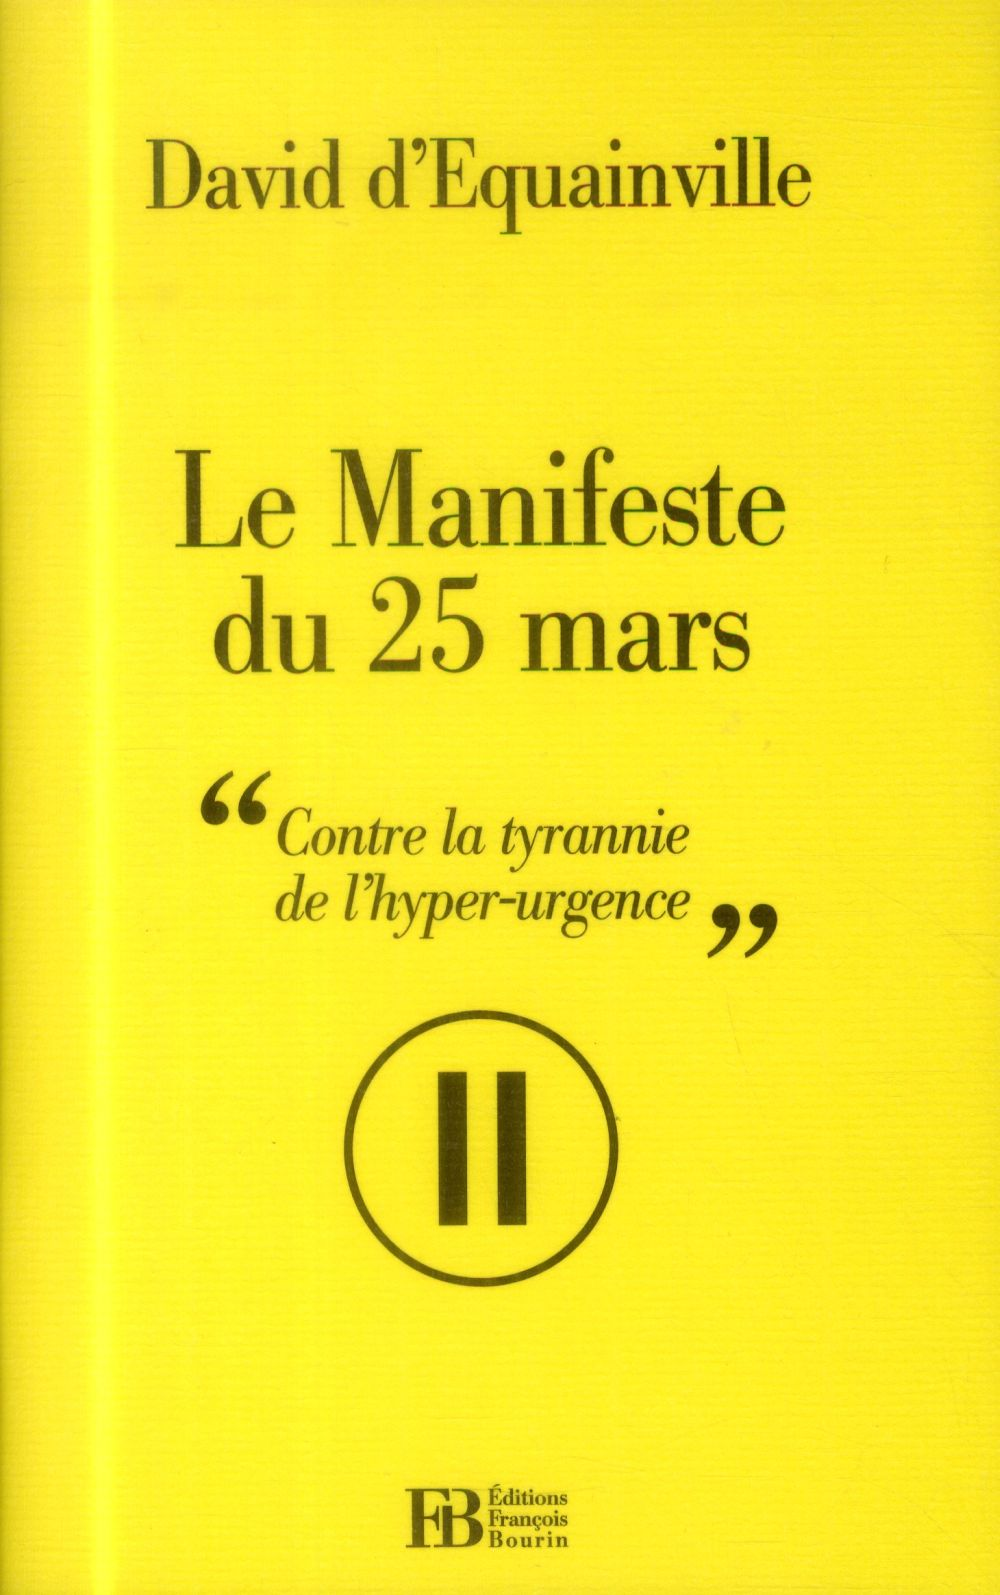 LE MANIFESTE DU 25 MARS - CONTRE LA TYRANNIE DE L'HYPER-URGE